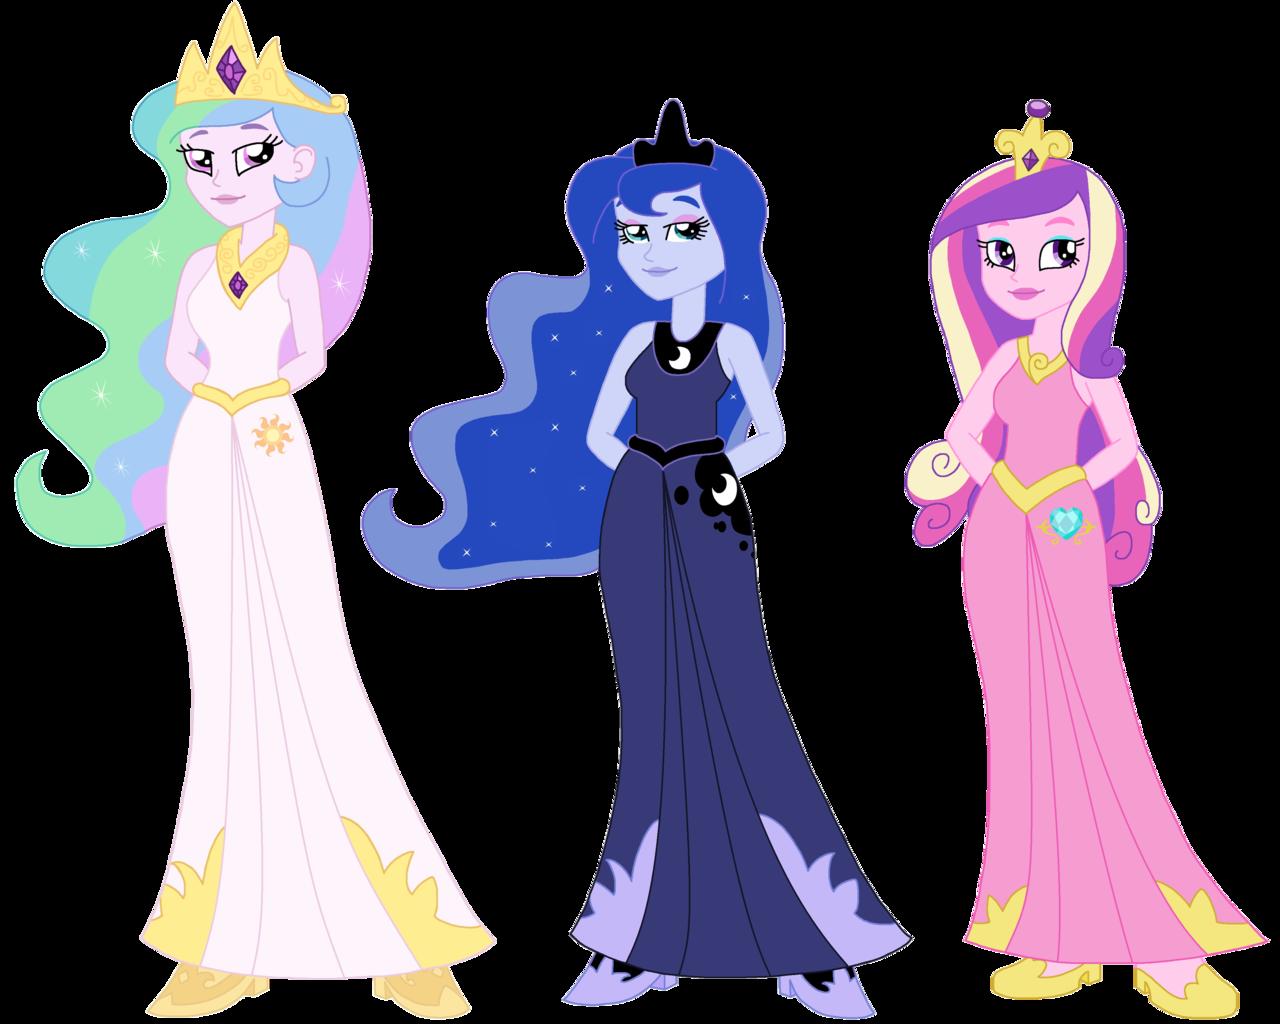 Equestria girls celestia images for Small princess